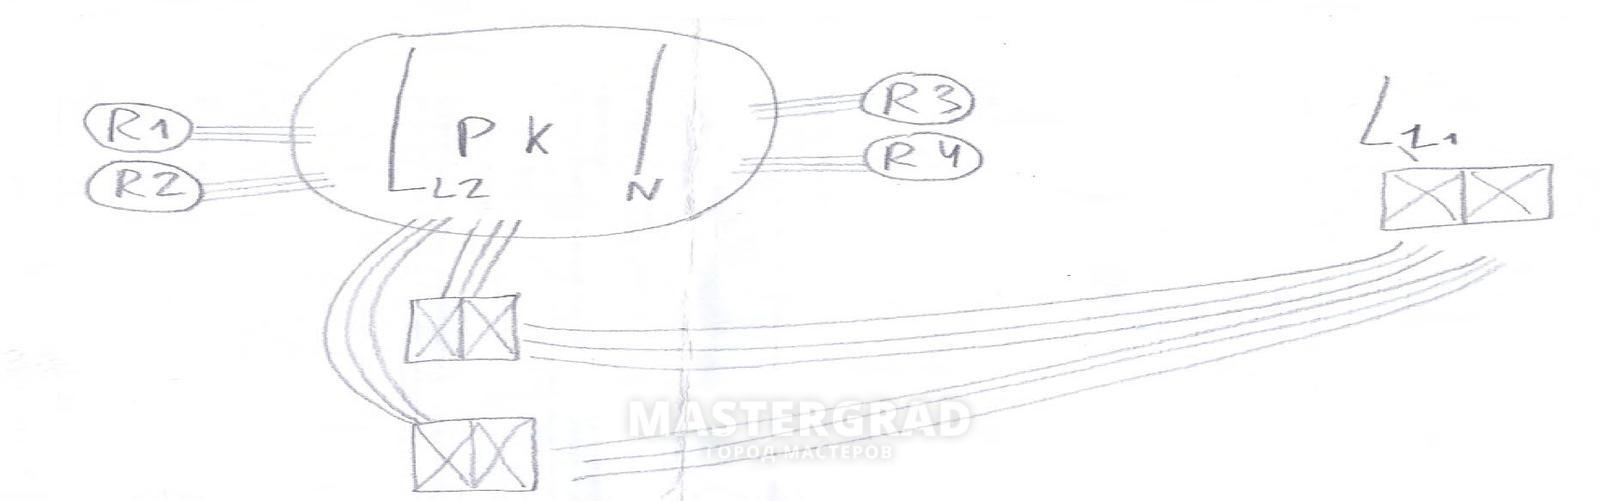 два двойных проходных выключателя схема подключения